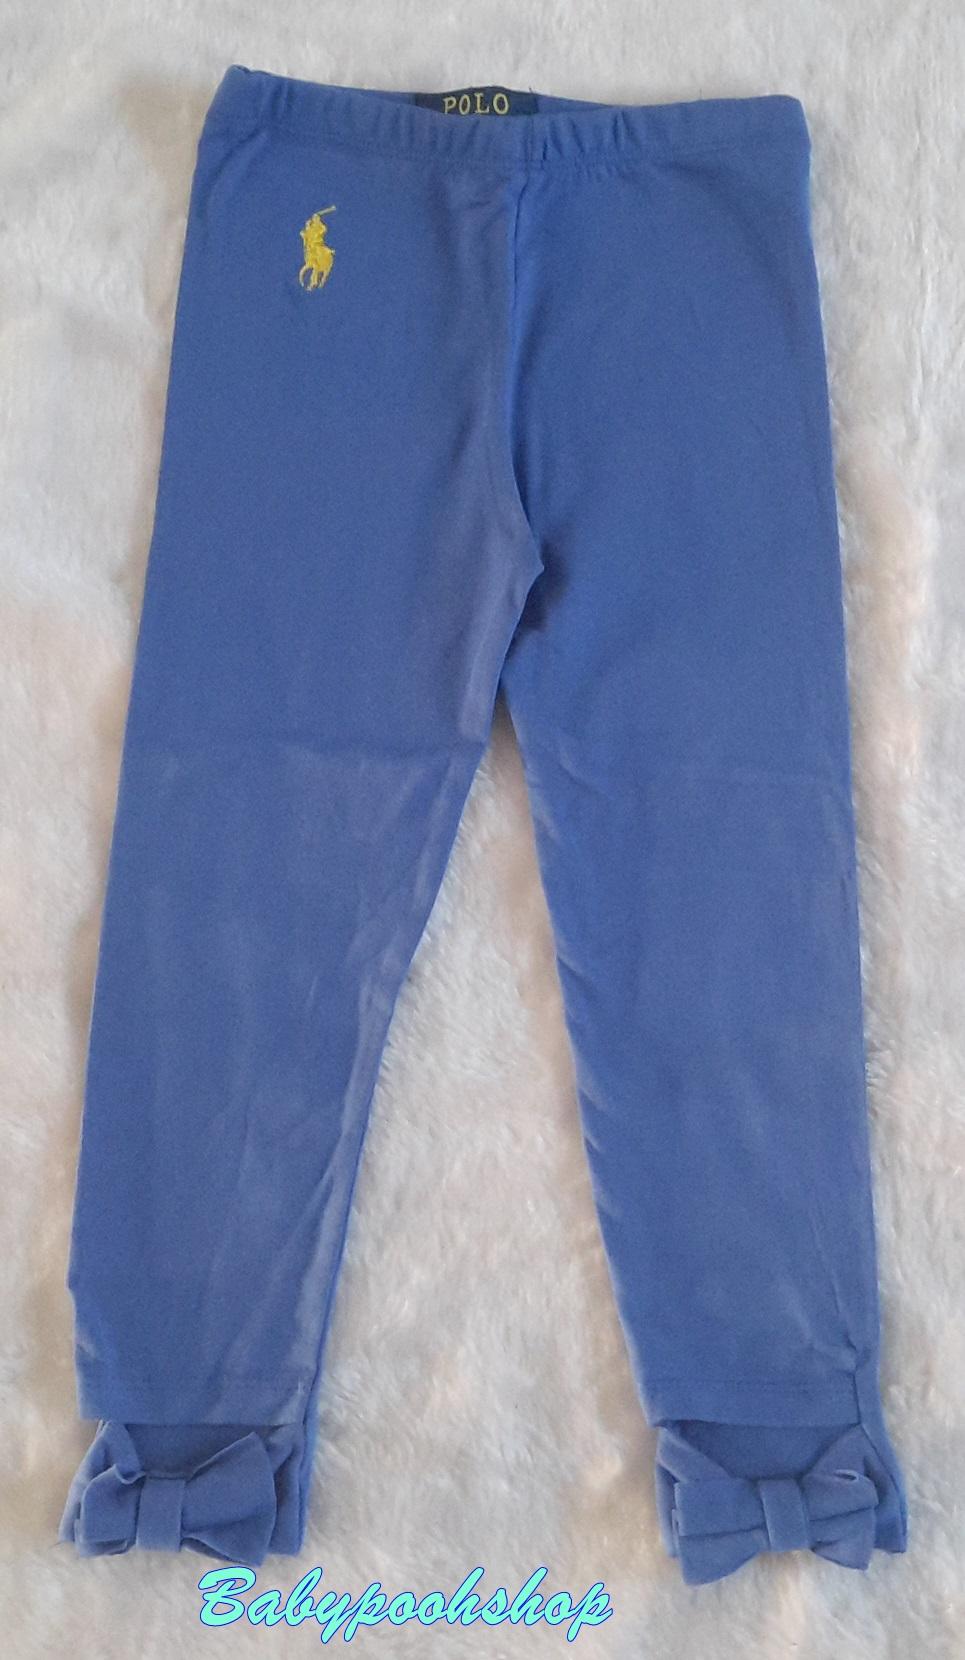 Polo : เลคกิ้งสีพื้น ผูกโบว์ที่ปลายขา สีน้ำเงิน เนื้อผ้านิ่มค่ะ size 6-8y / 8-10y